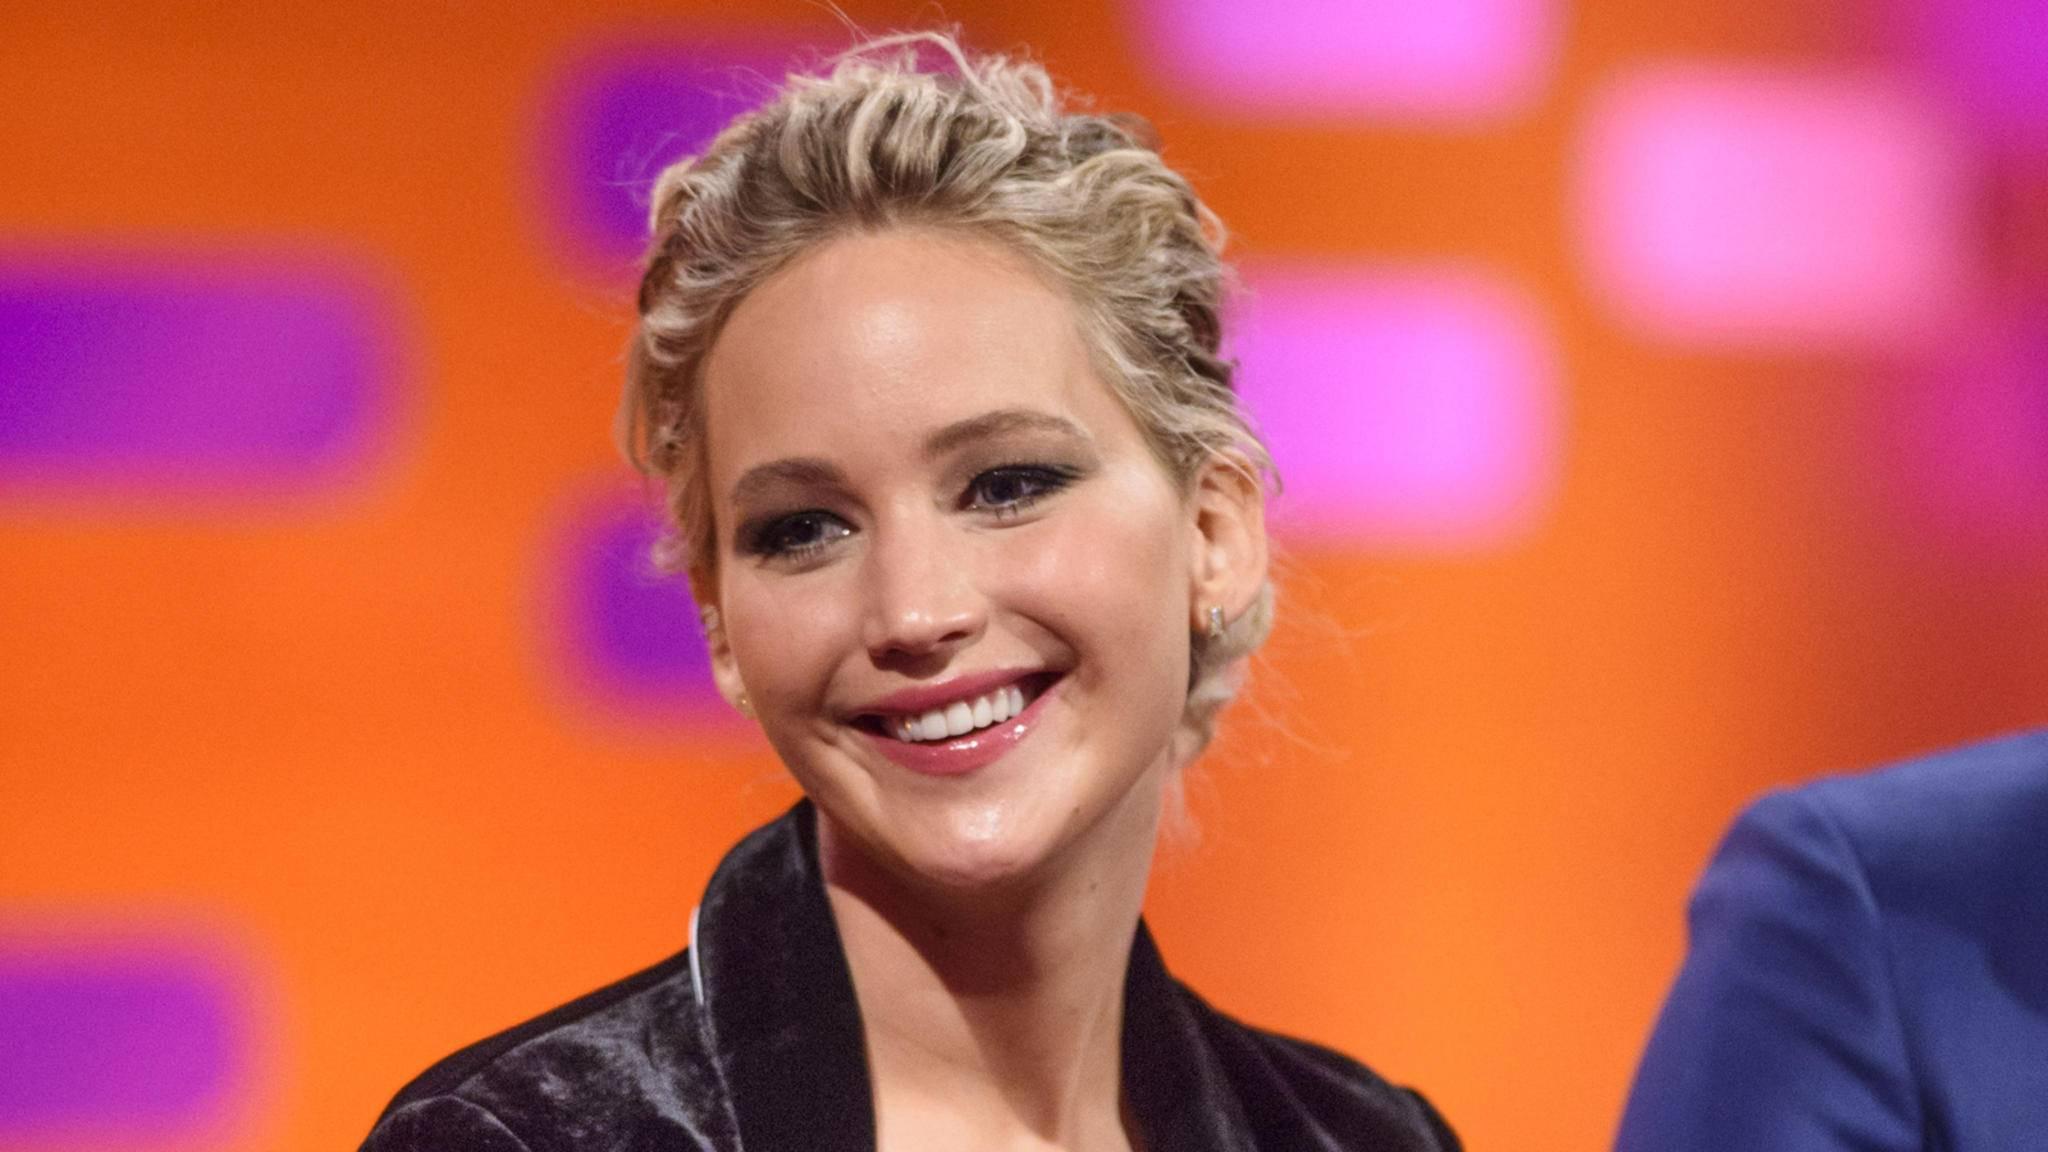 Starallüren sucht man bei Jennifer Lawrence vergeblich. Sie mag es bodenständig und ist derben Witzen nicht abgeneigt.